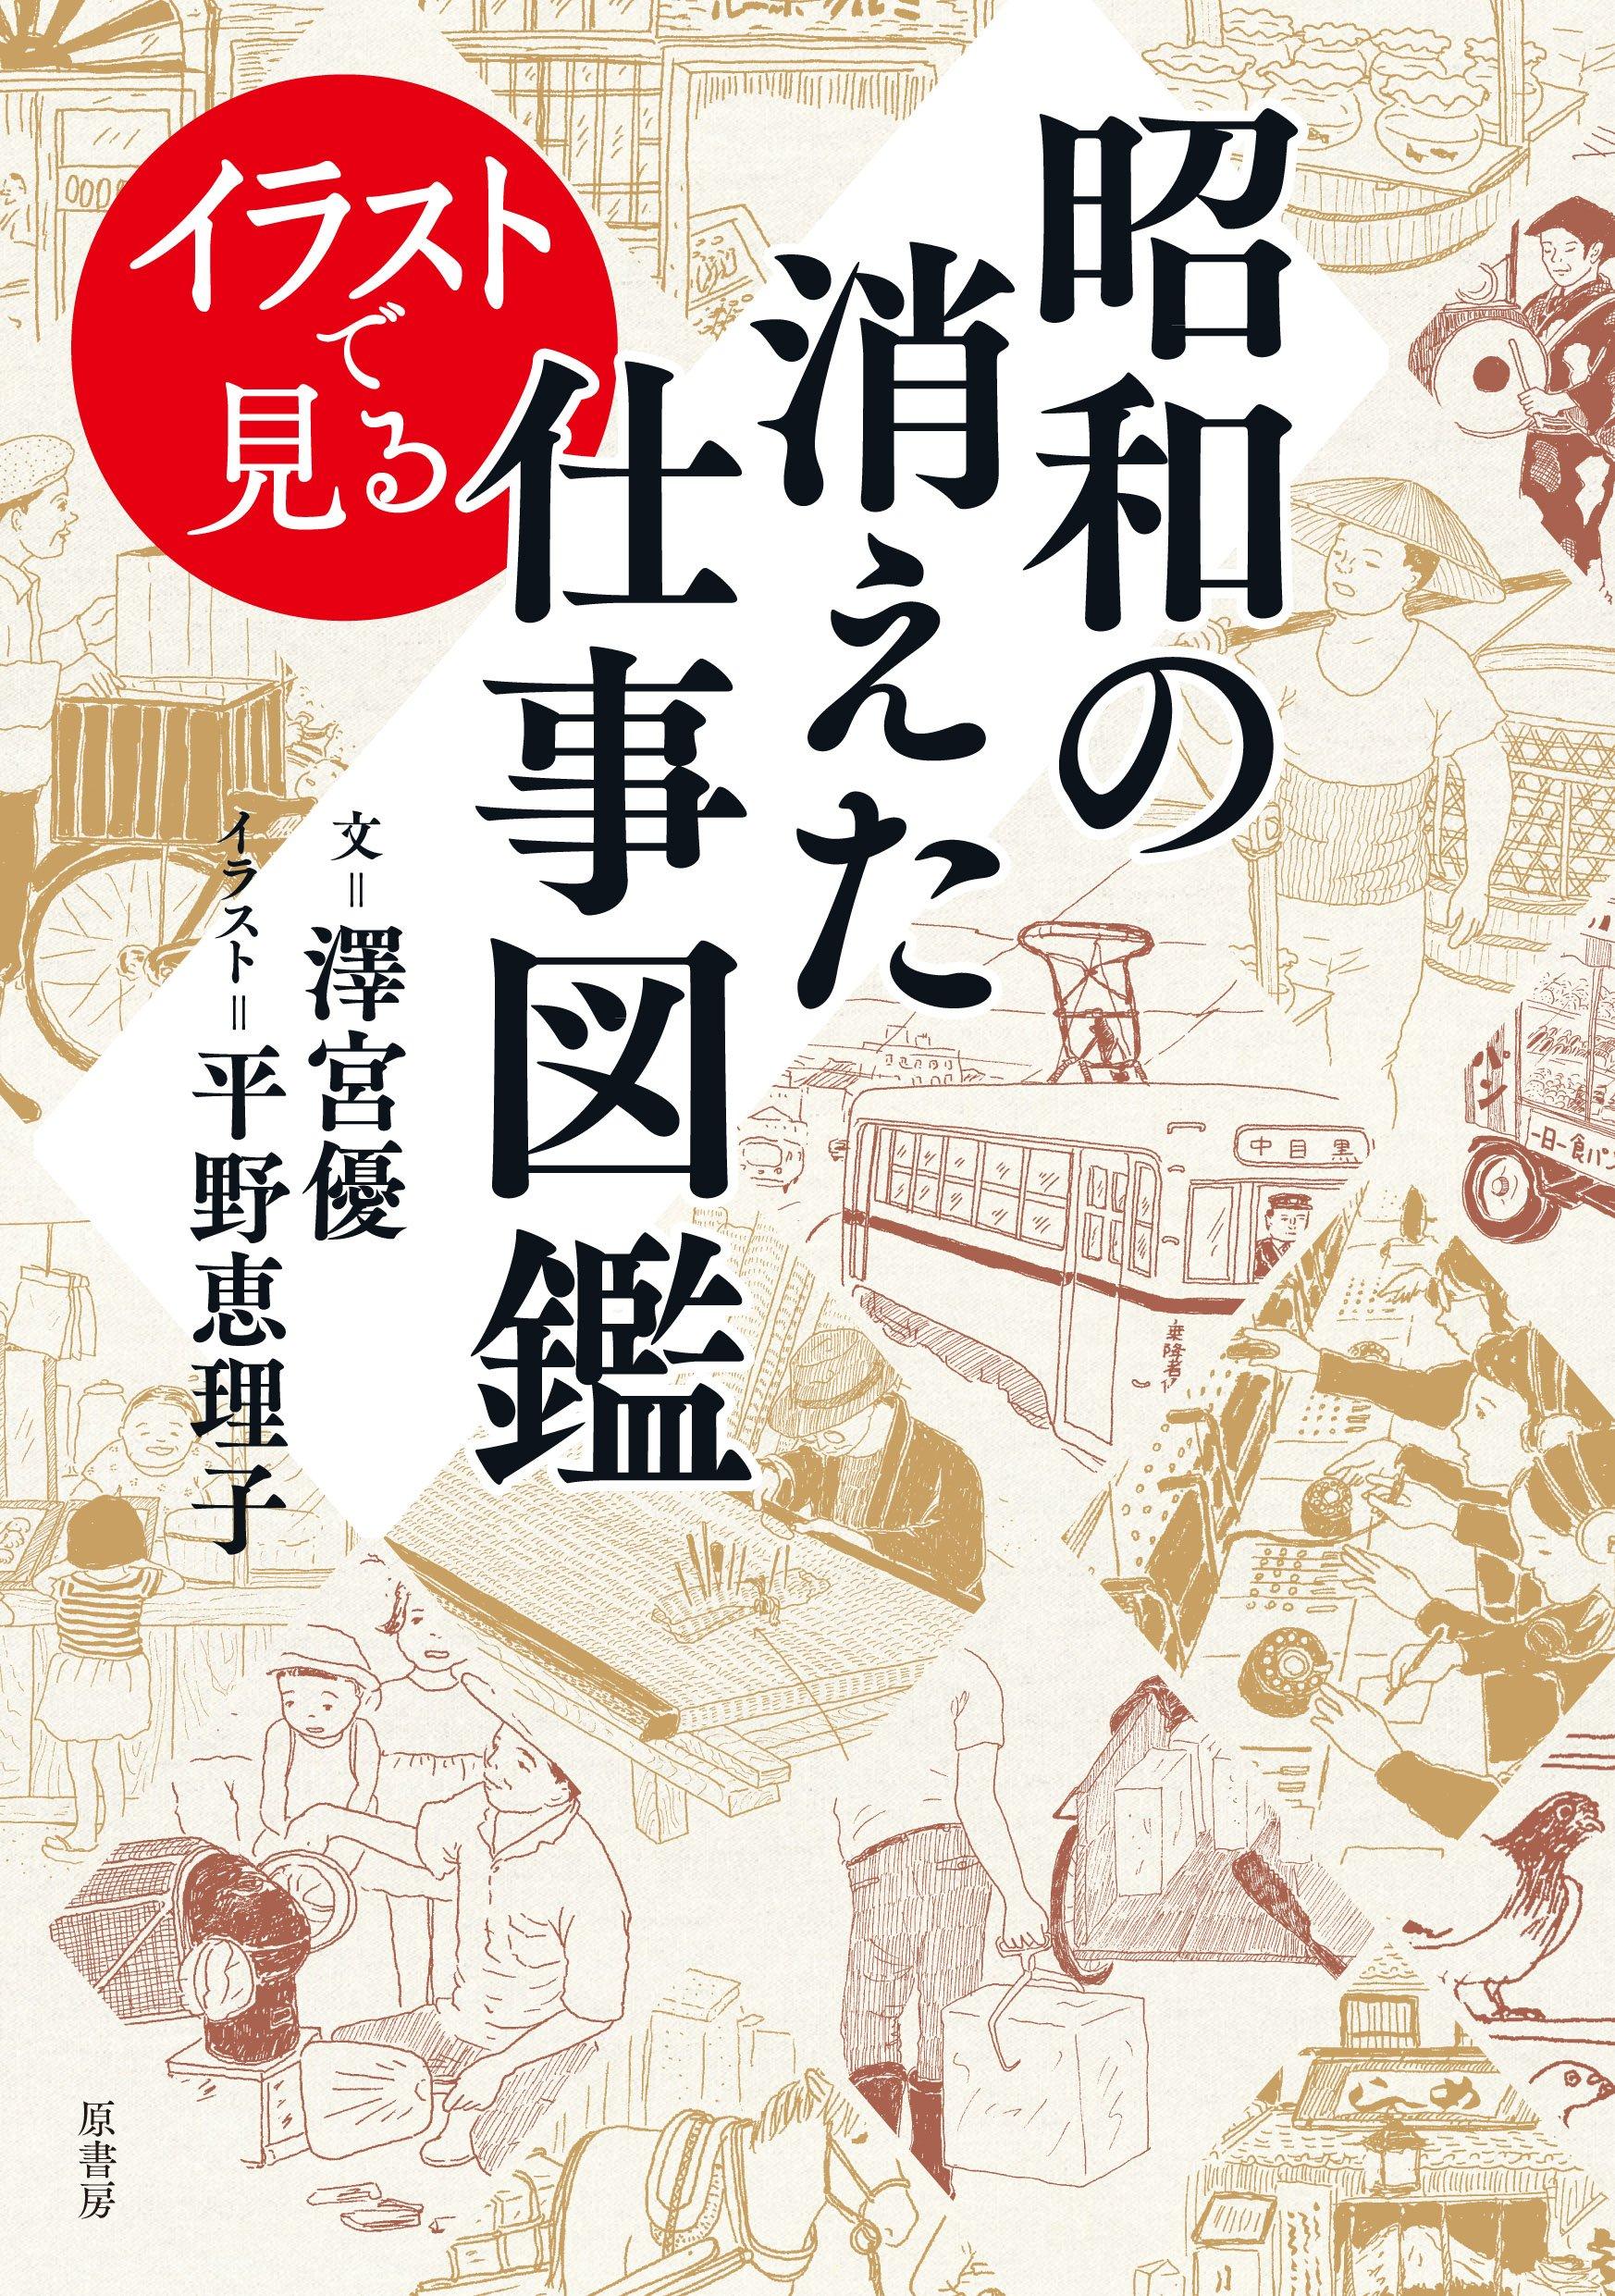 イラストで見る昭和の消えた仕事図鑑 澤宮優 平野恵理子 本 通販 Amazon